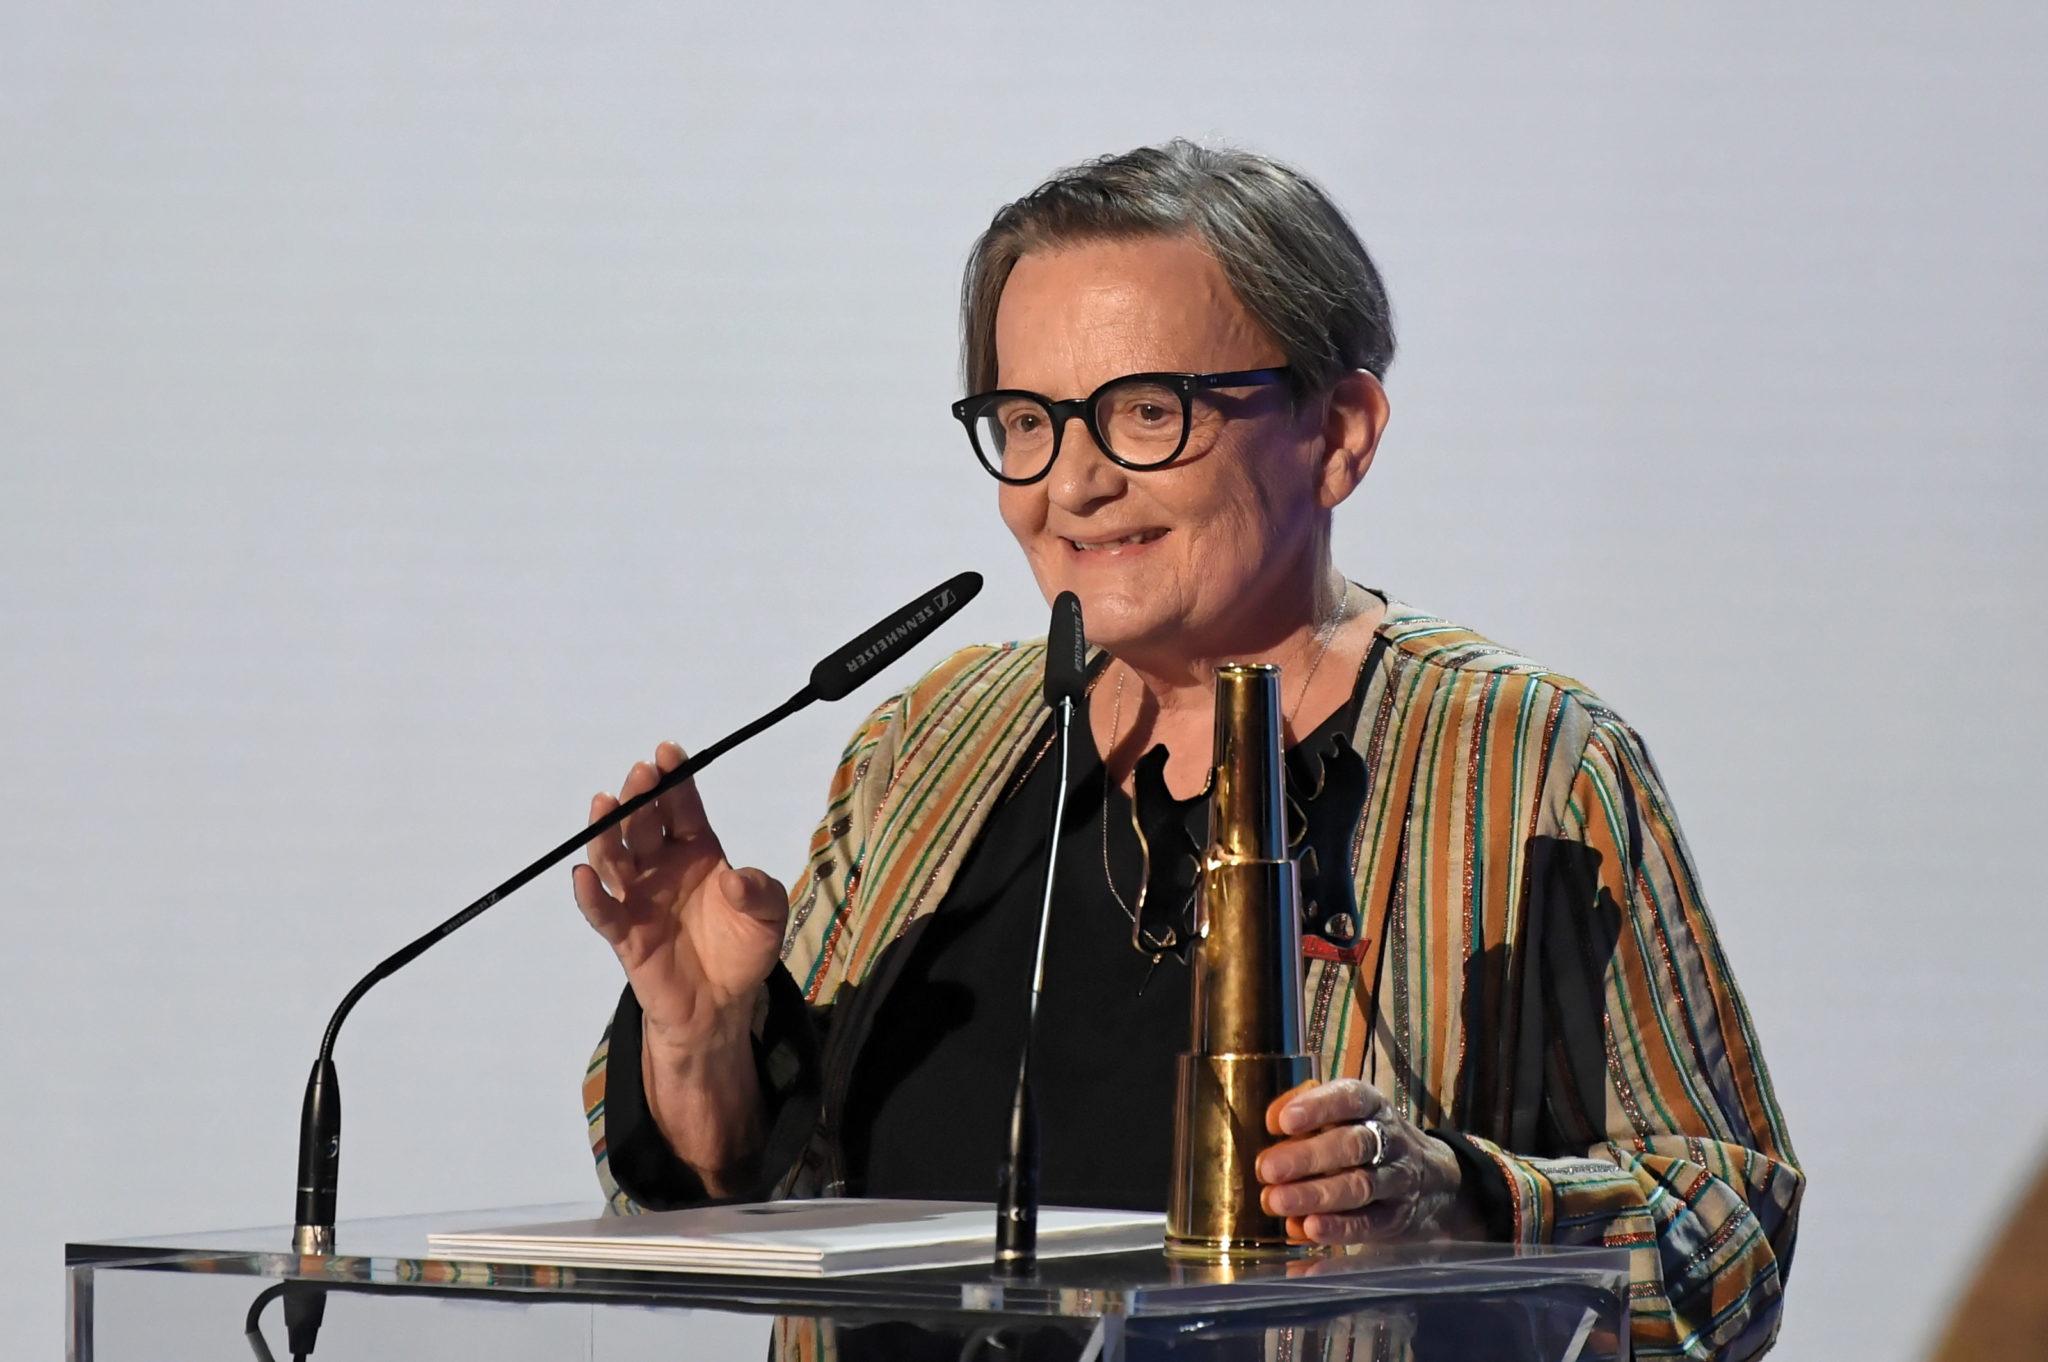 Reżyserka Agnieszka Holland z nagrodą Złote Lwy za film